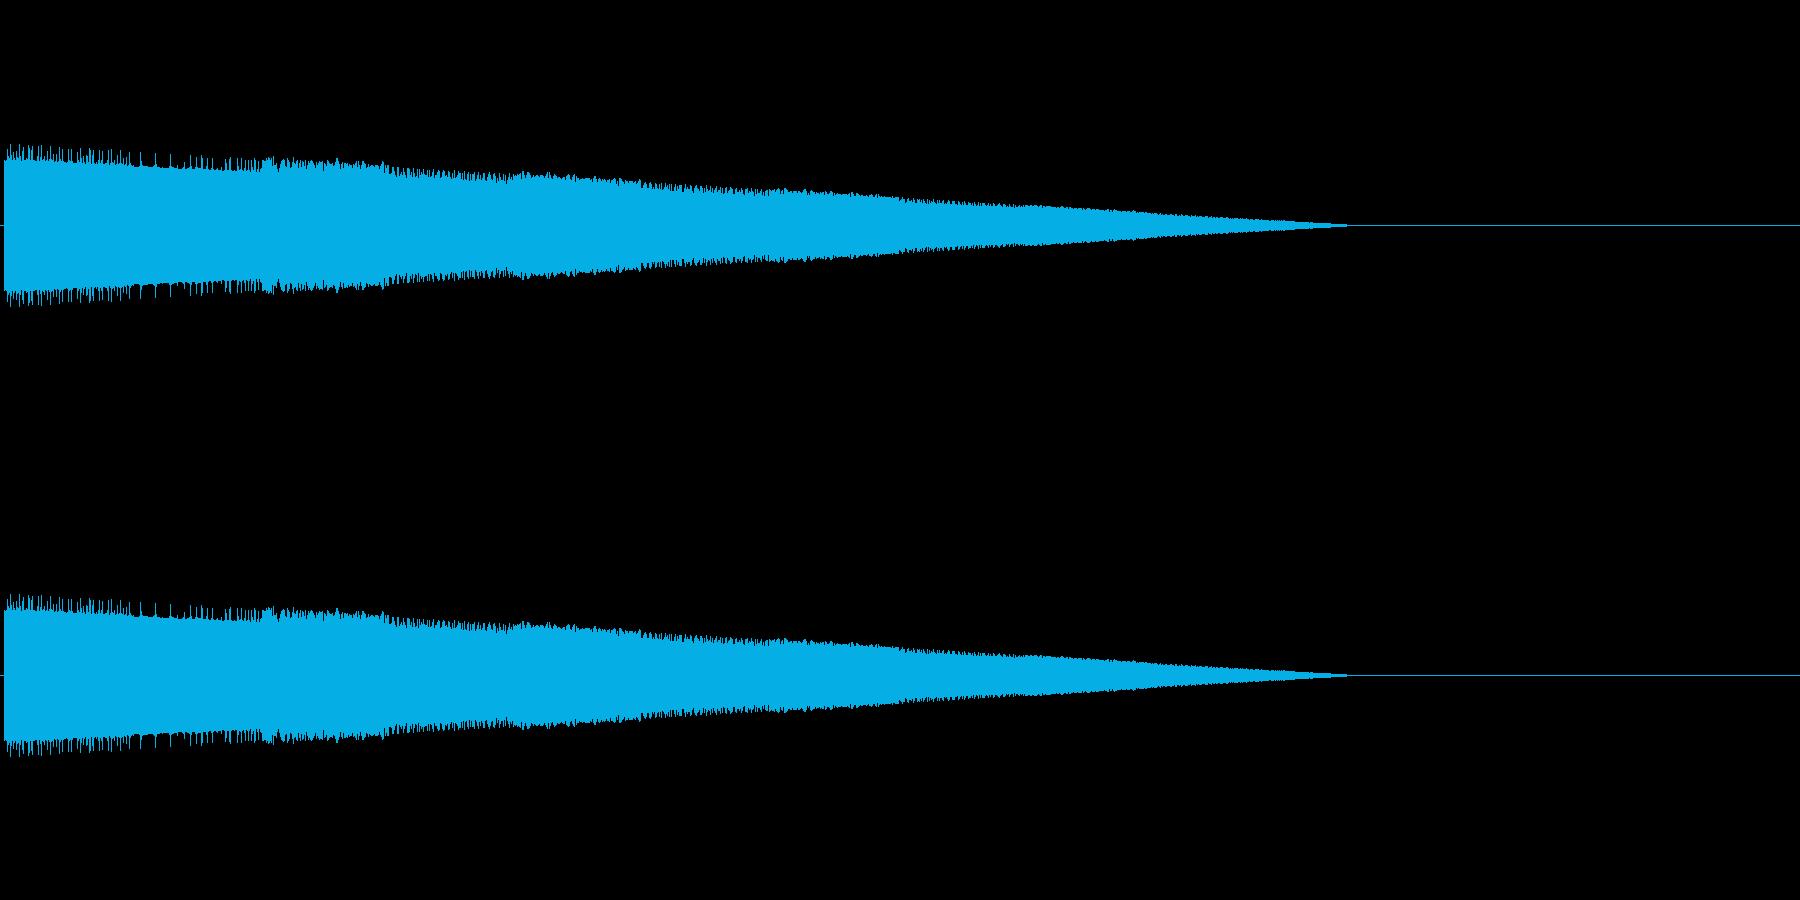 レトロゲーム風ヒット音2の再生済みの波形